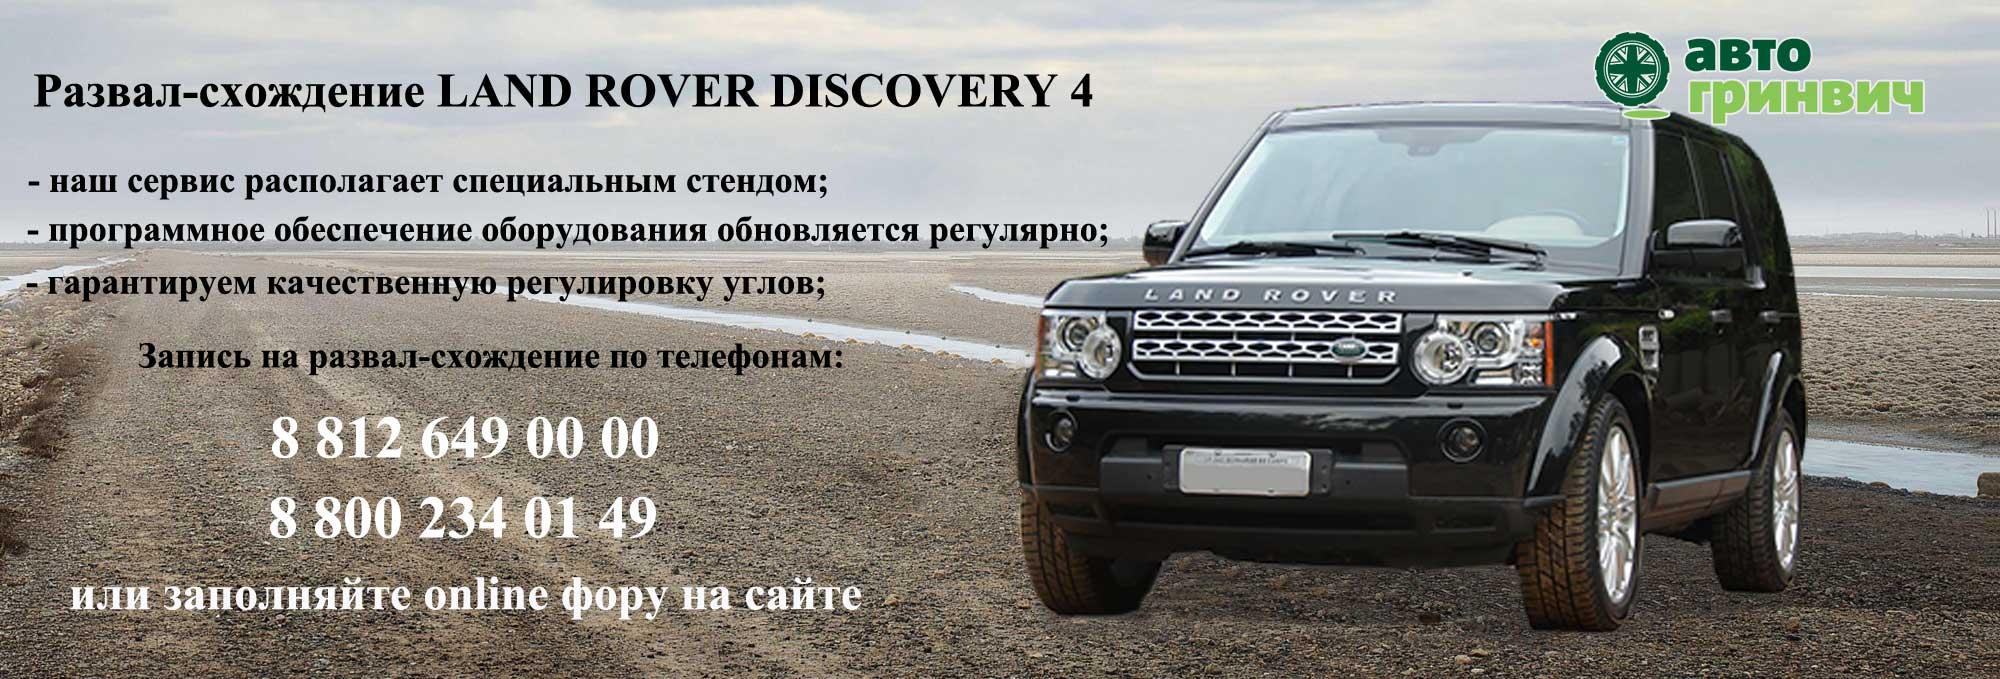 Развал-схождение Discovery 4